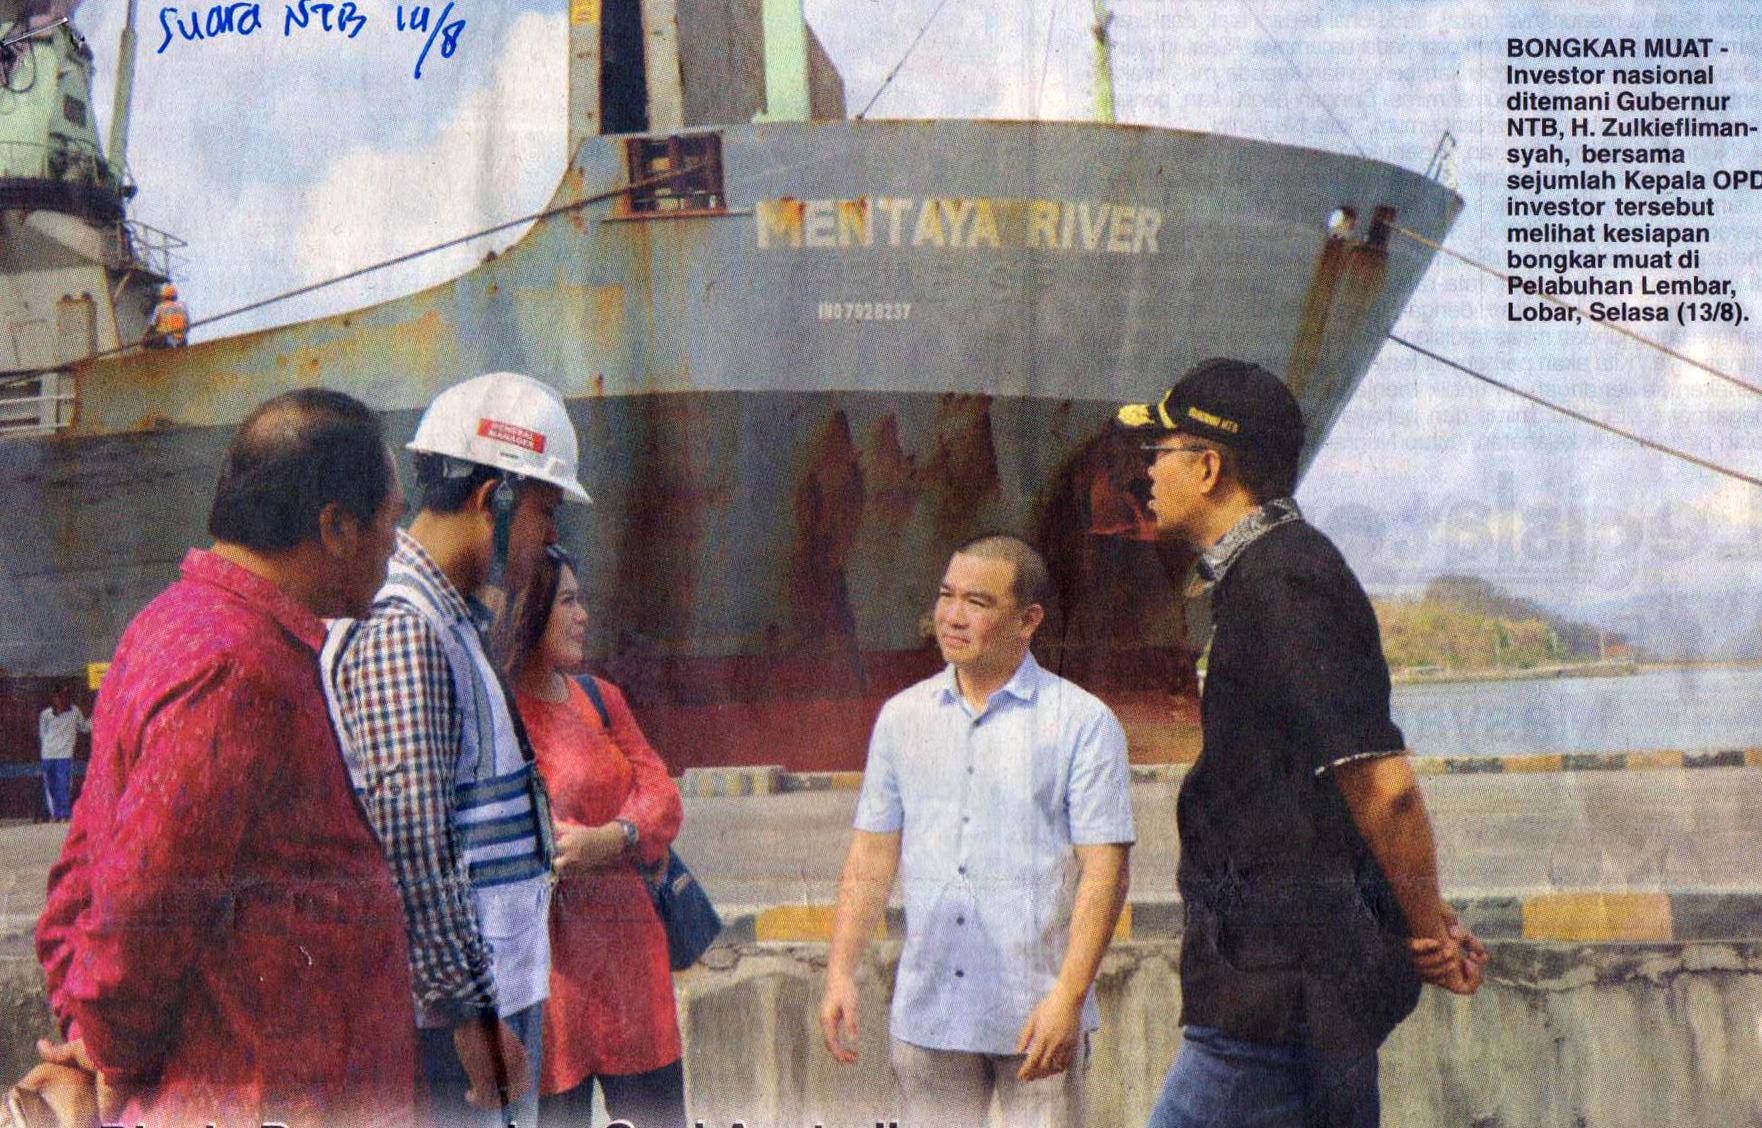 Investor Cek Kesiapan Bongkar Muat Pelabuhan Lembar